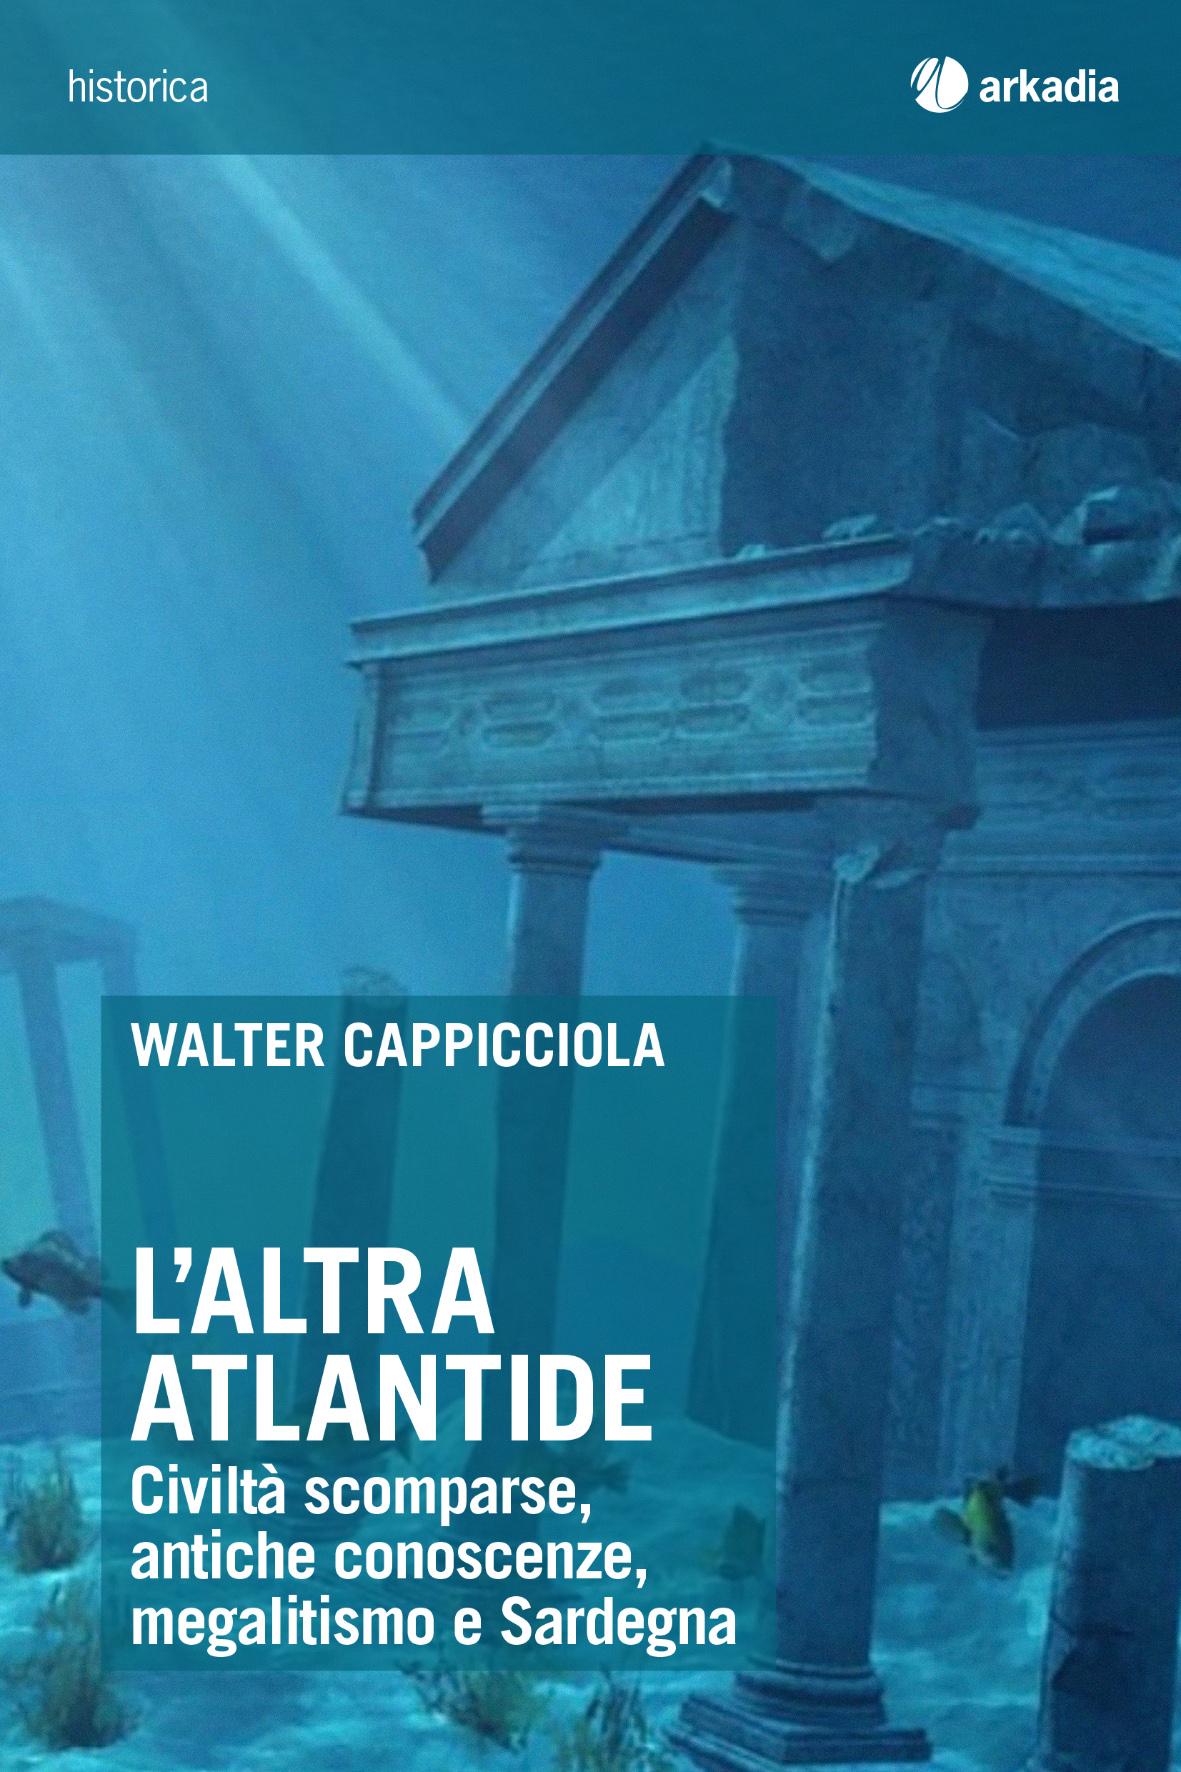 Laltra-Atlantide_piatto.jpg